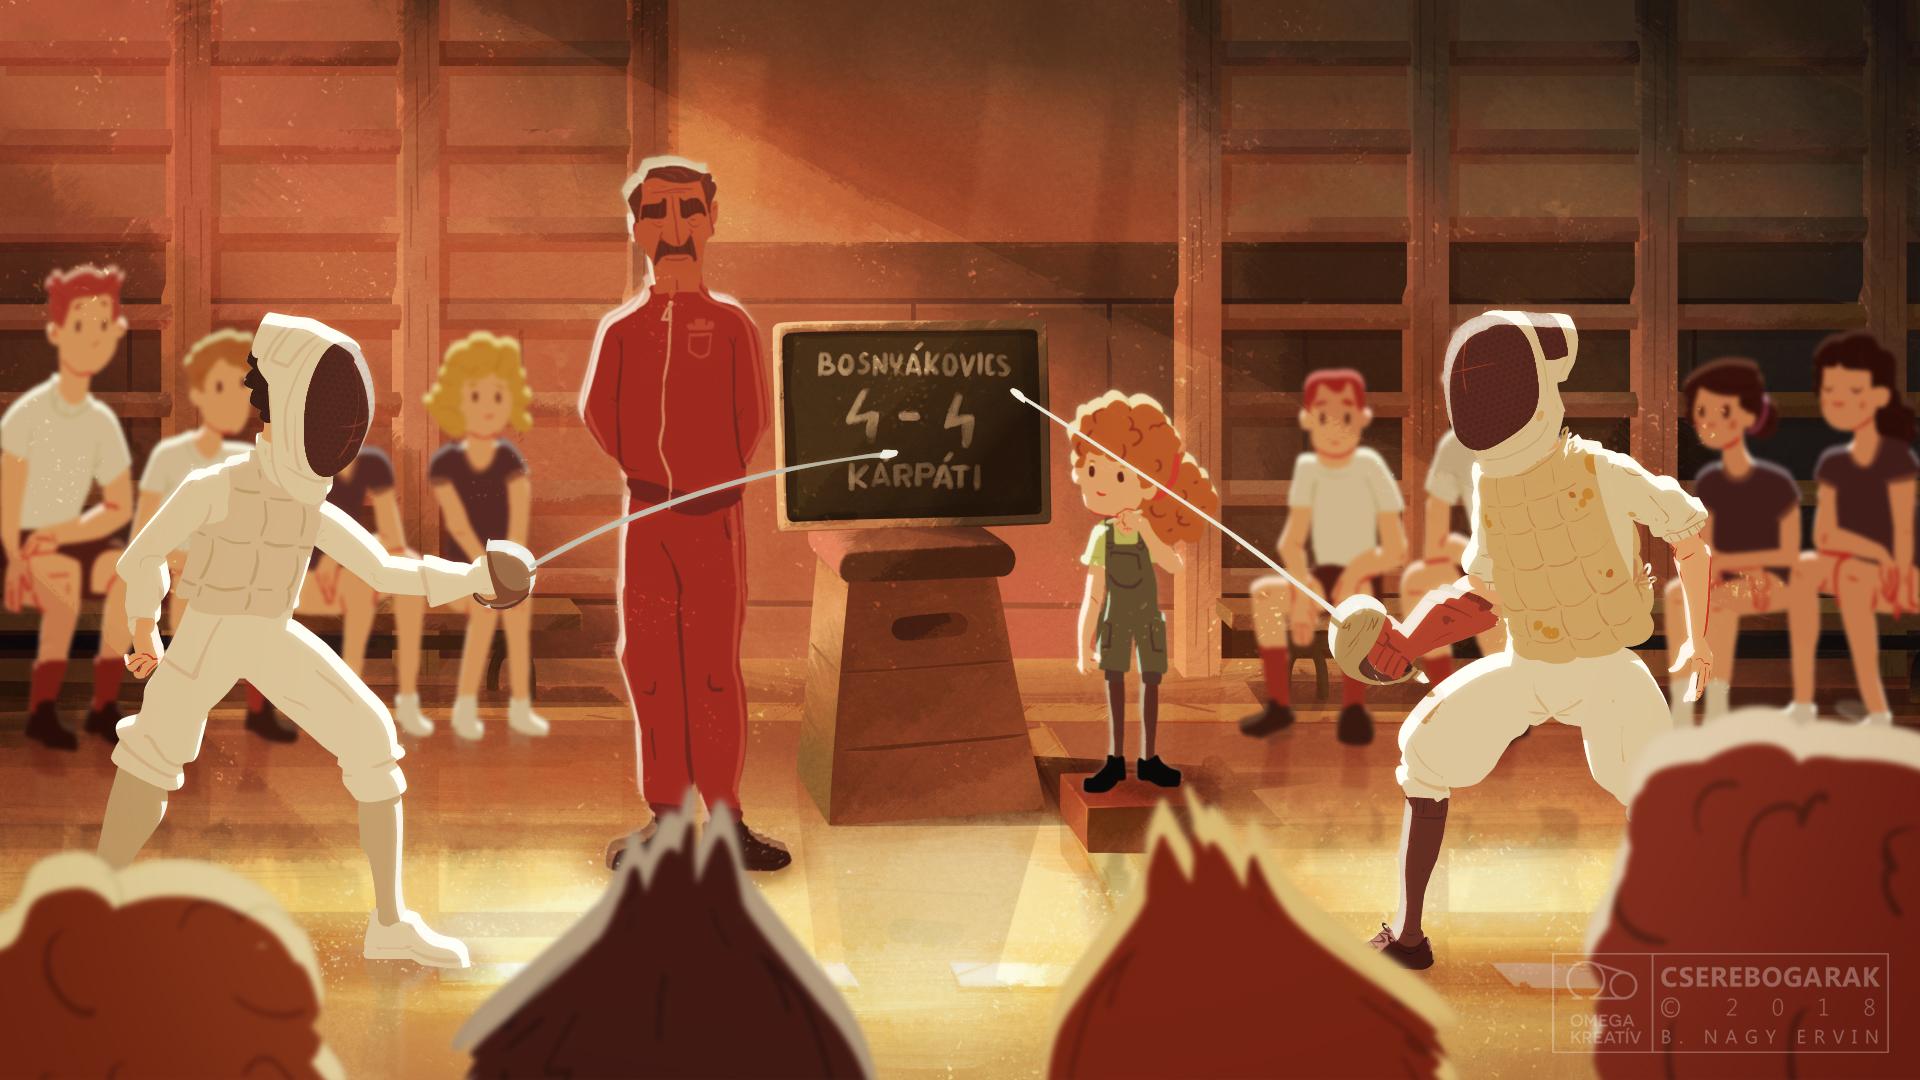 Hamarosan elrajtol a 14. Kecskeméti Animációs Filmfesztivál